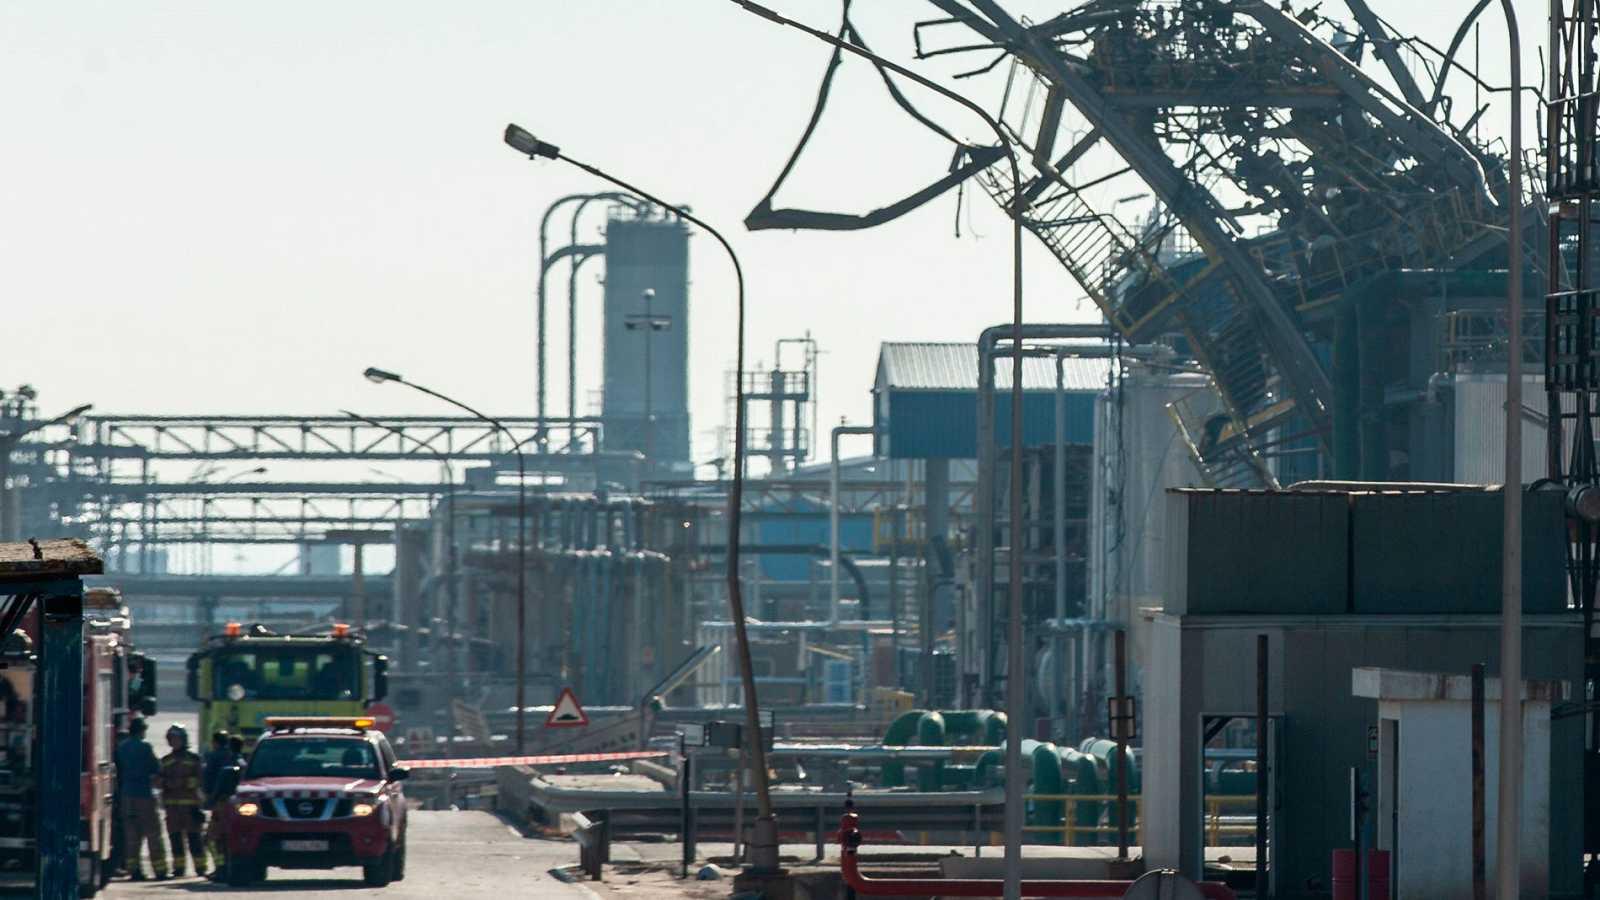 Vista del lugar del accidente en la empresa petroquímica IQOXE en su planta de Tarragona